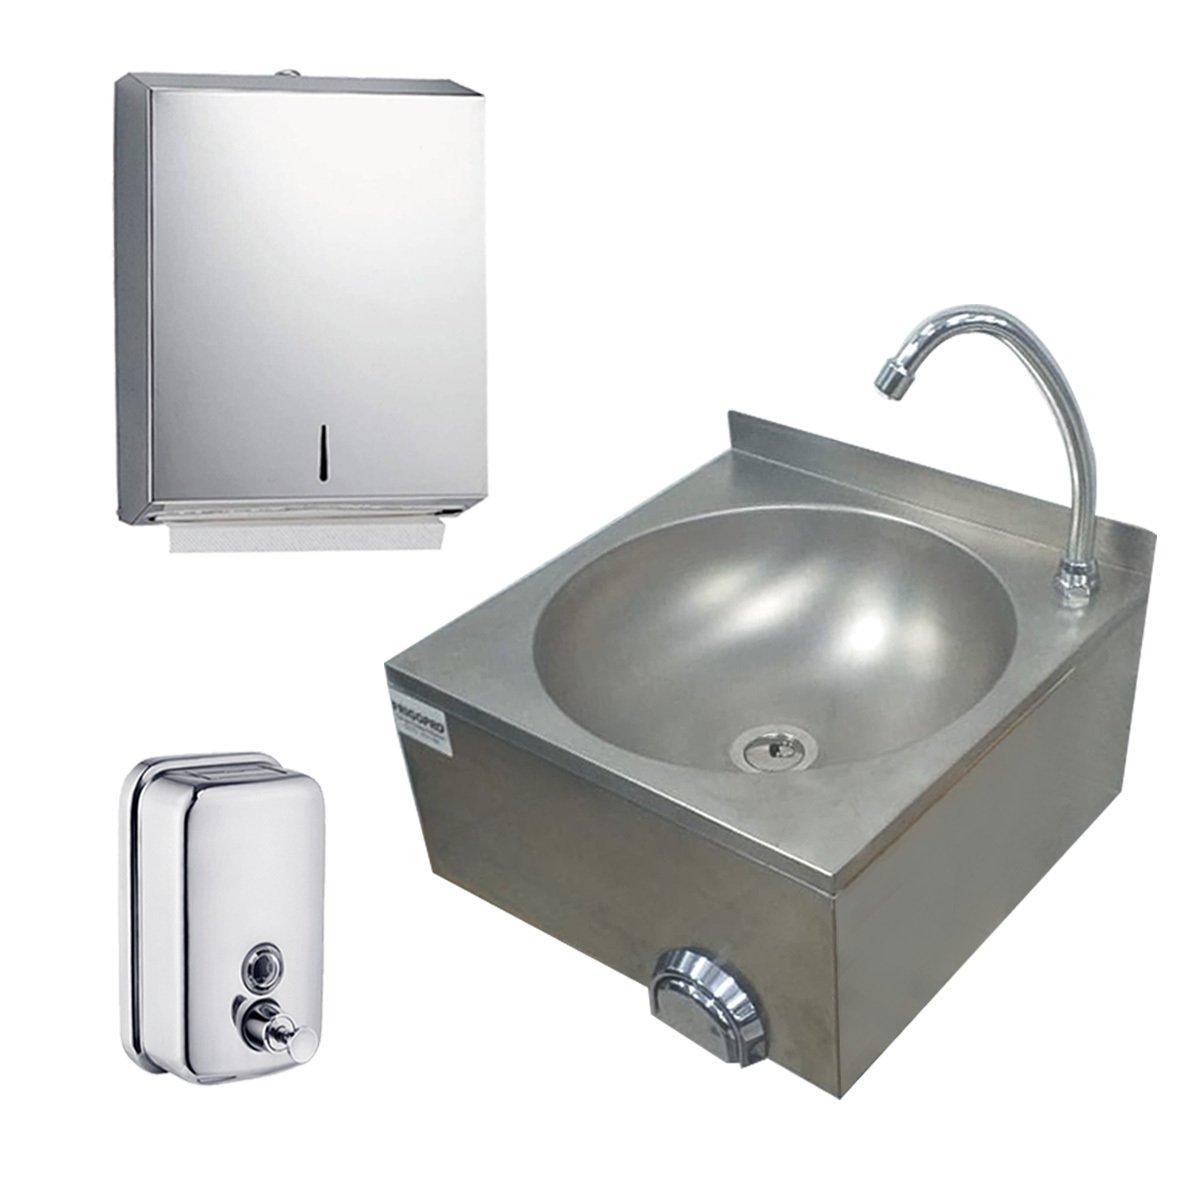 Pia de Assepsia 40x40x20cm Torneira + Dispenser de Sabonete + Dispenser Papel Toalha Inox Frigopro